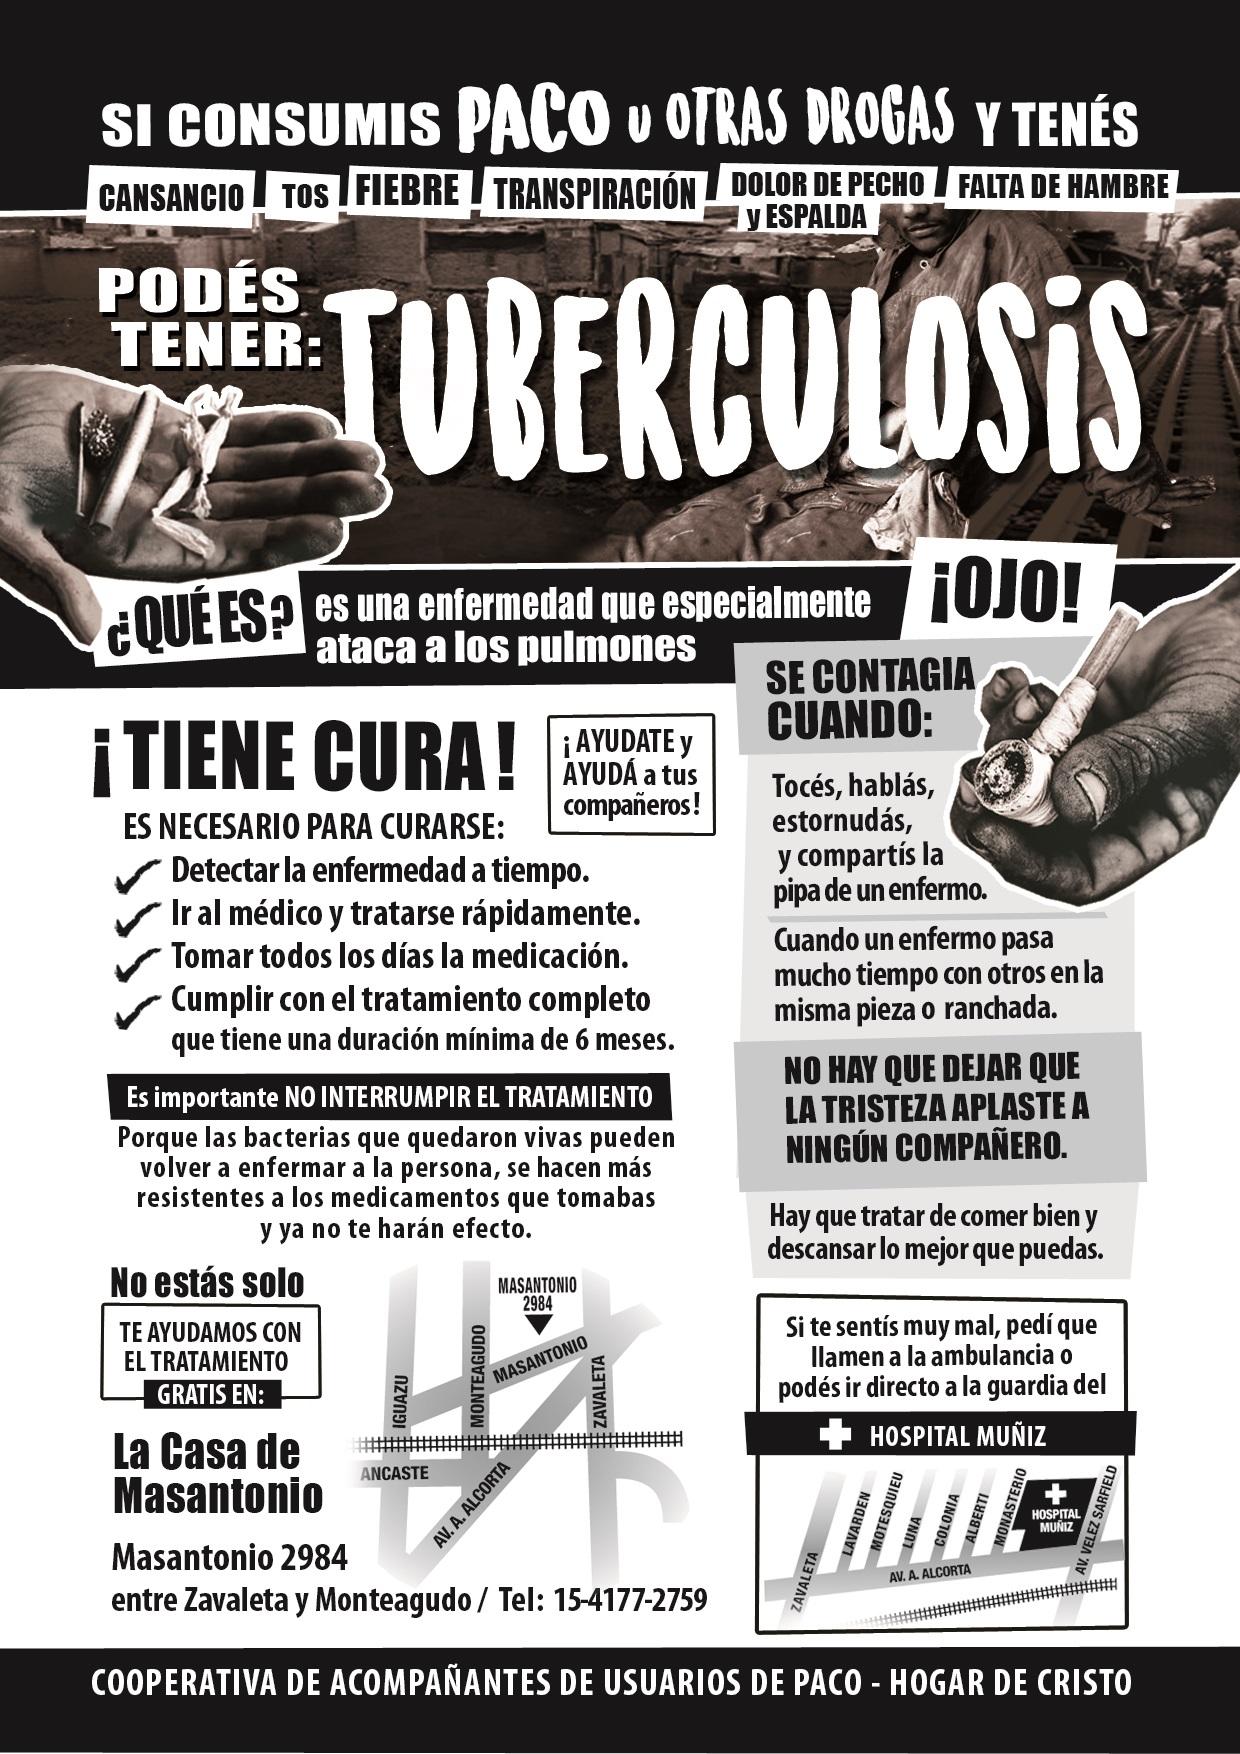 Resultado de imagen para ARGENTINA,TUBERCULOSIS Y PACO